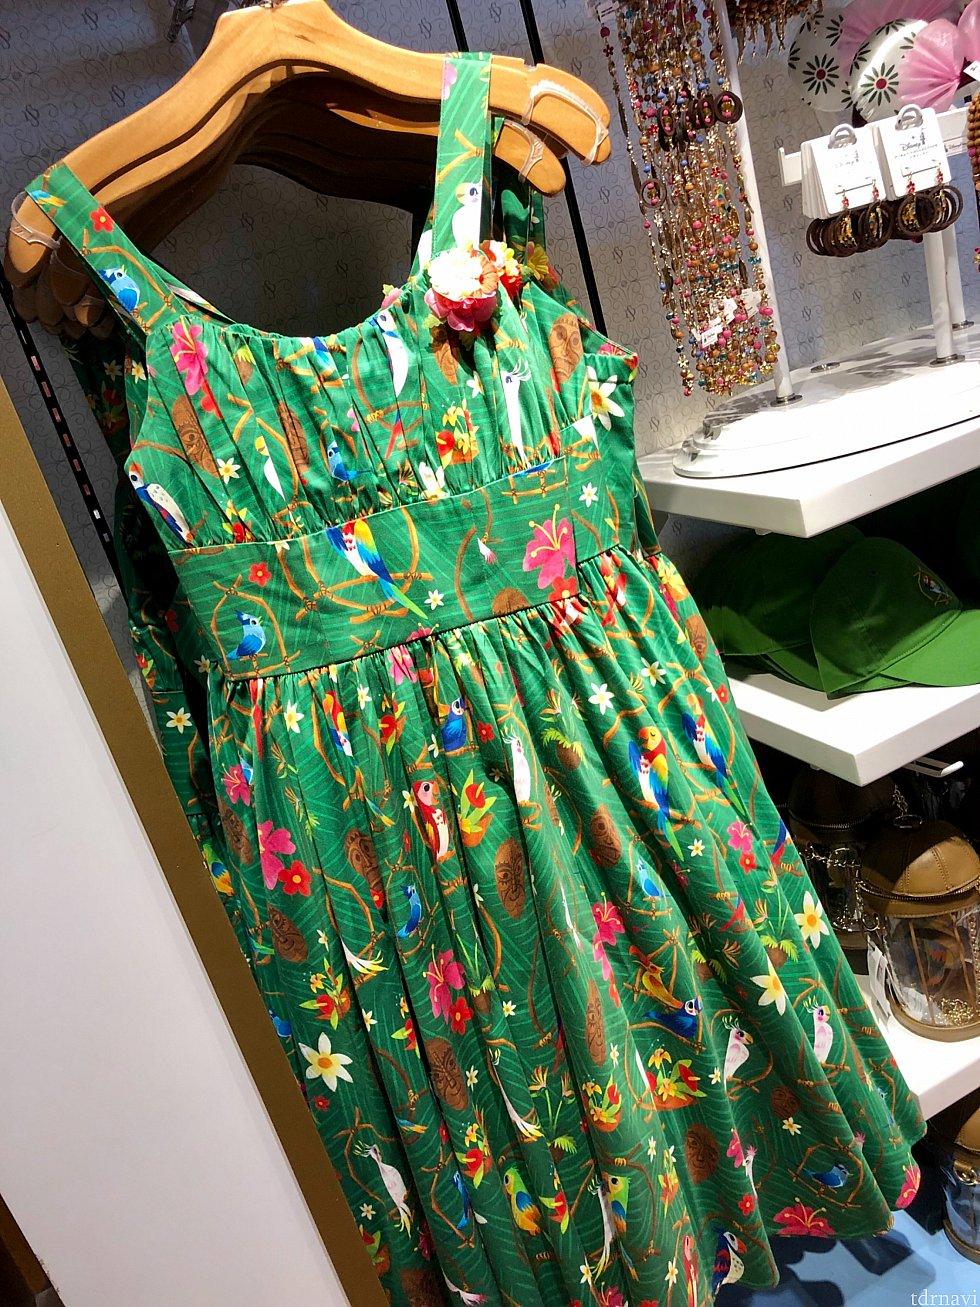 グリーン系はチキルームのドレス。これは以前からありますが、まだあると言うことは人気ドレスと言う事ですね。